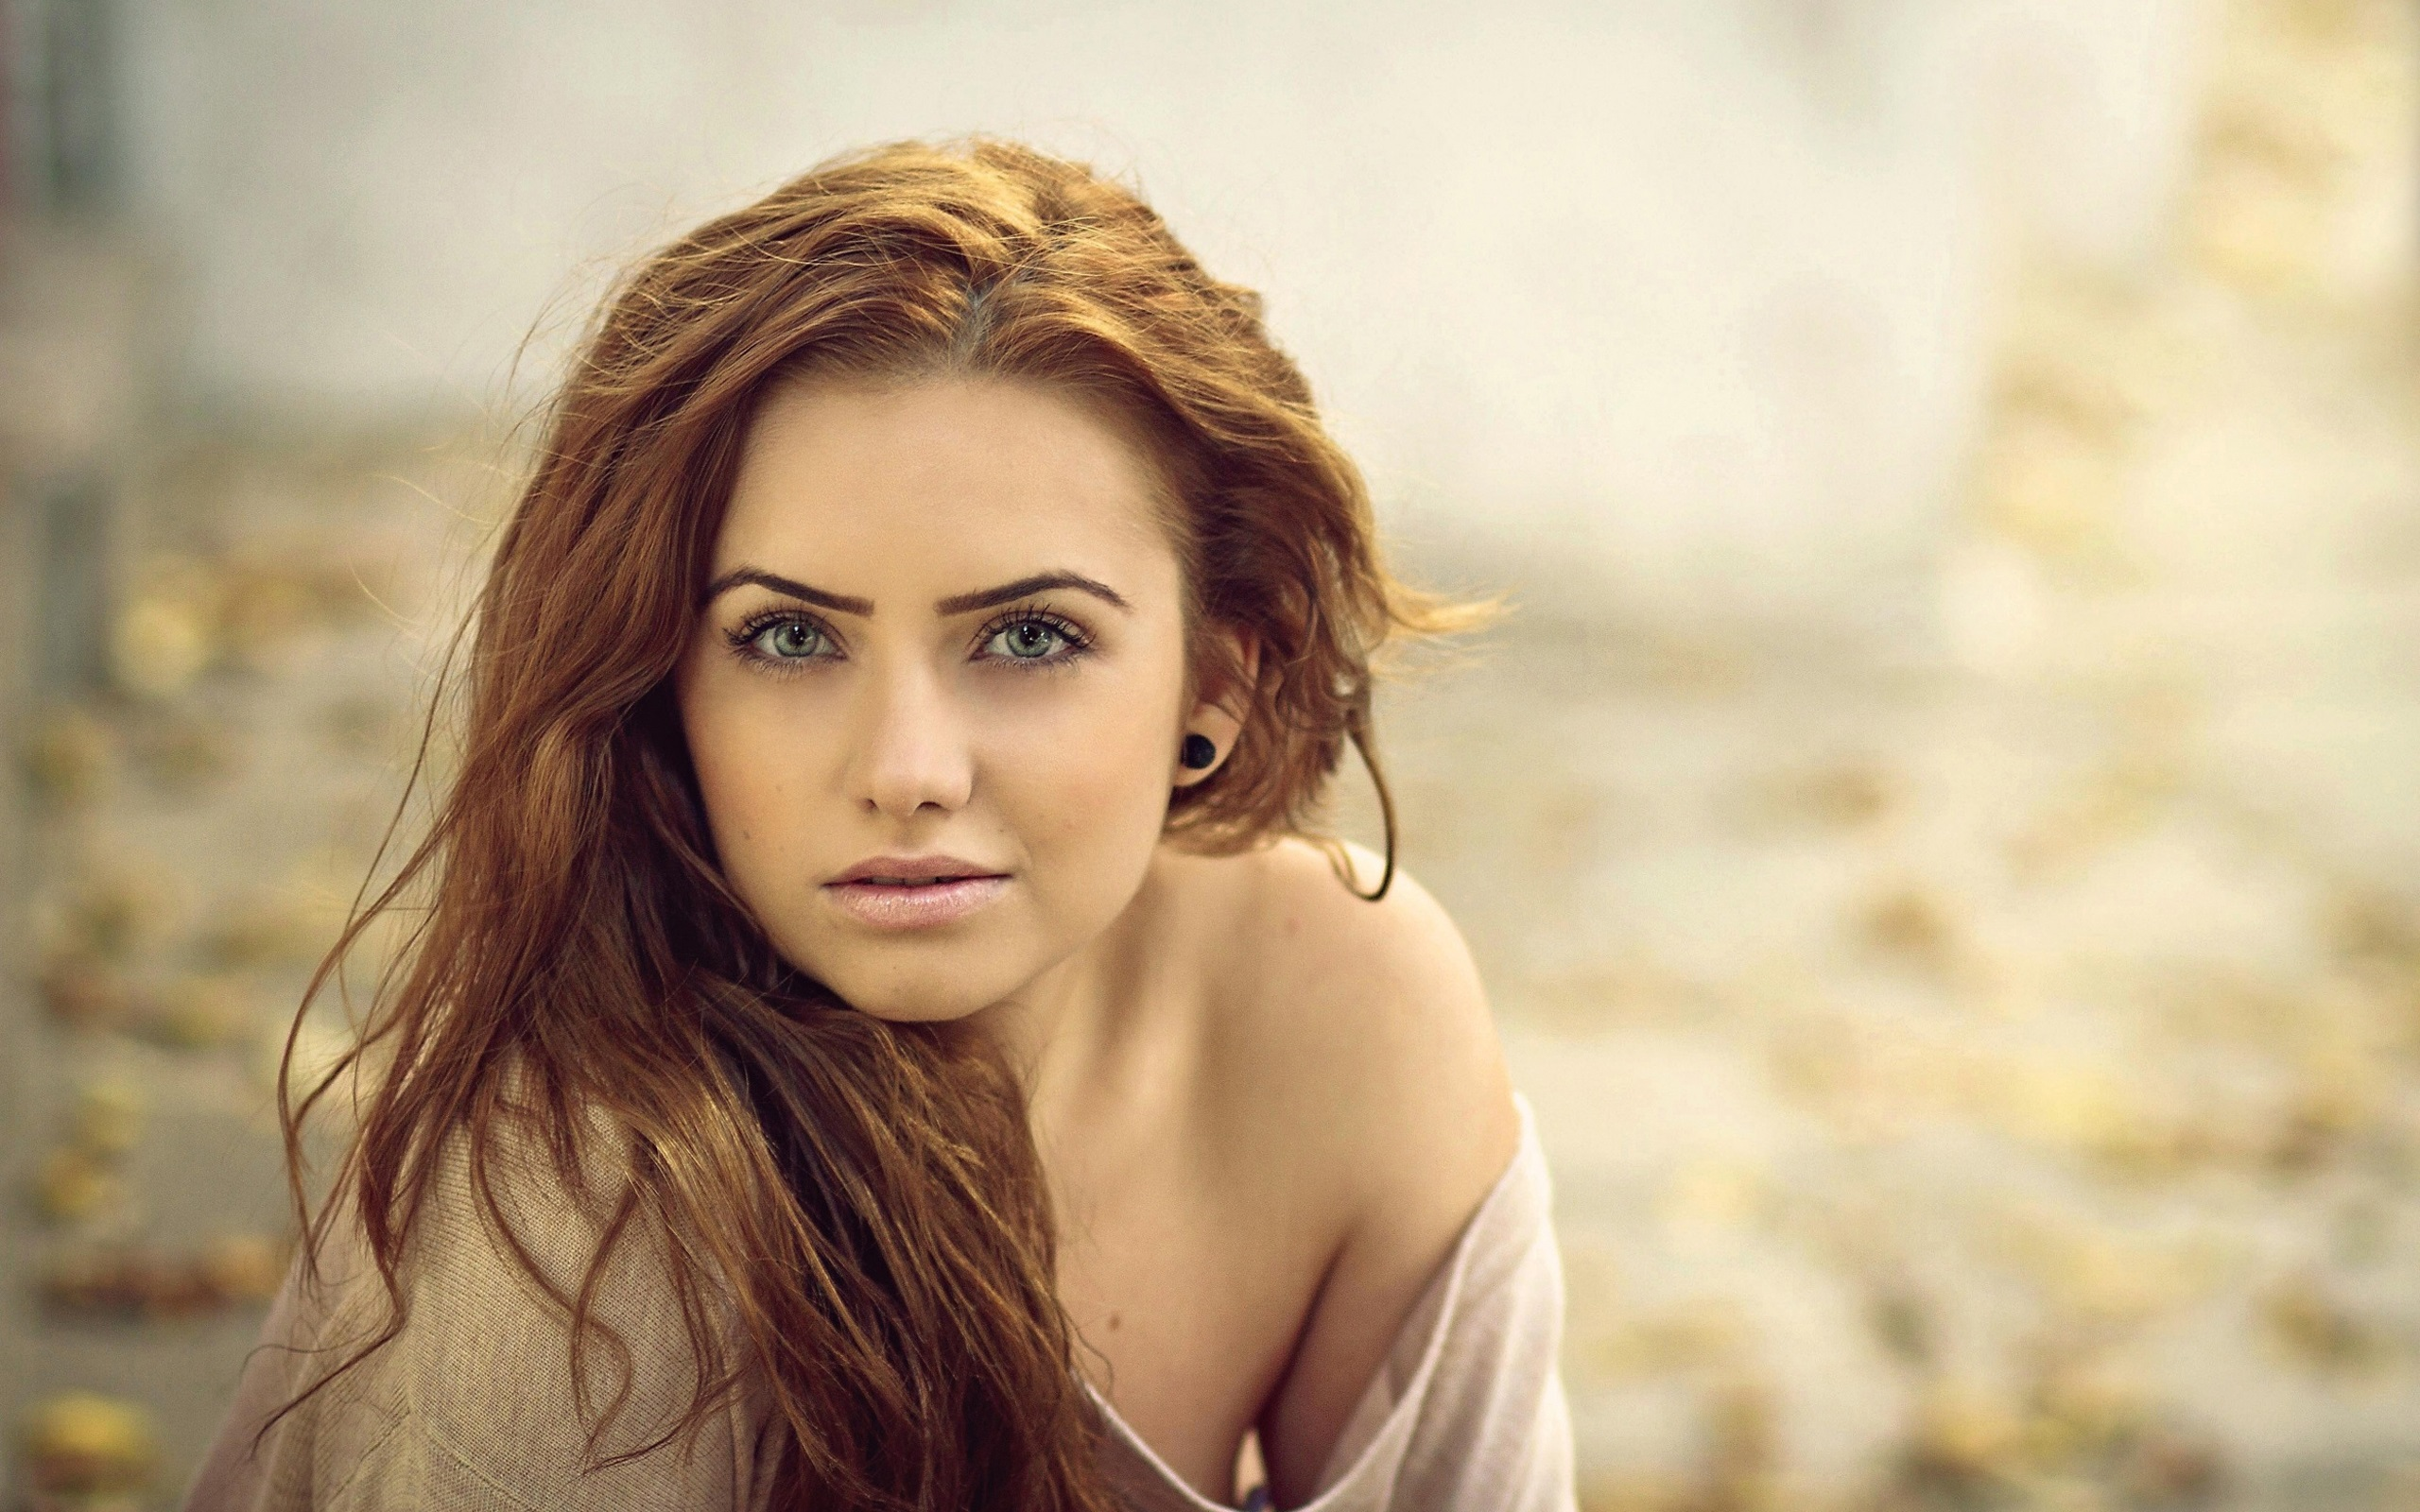 Fonds d 39 cran girl portrait bokeh 2560x1600 hd image for Fond ecran portrait